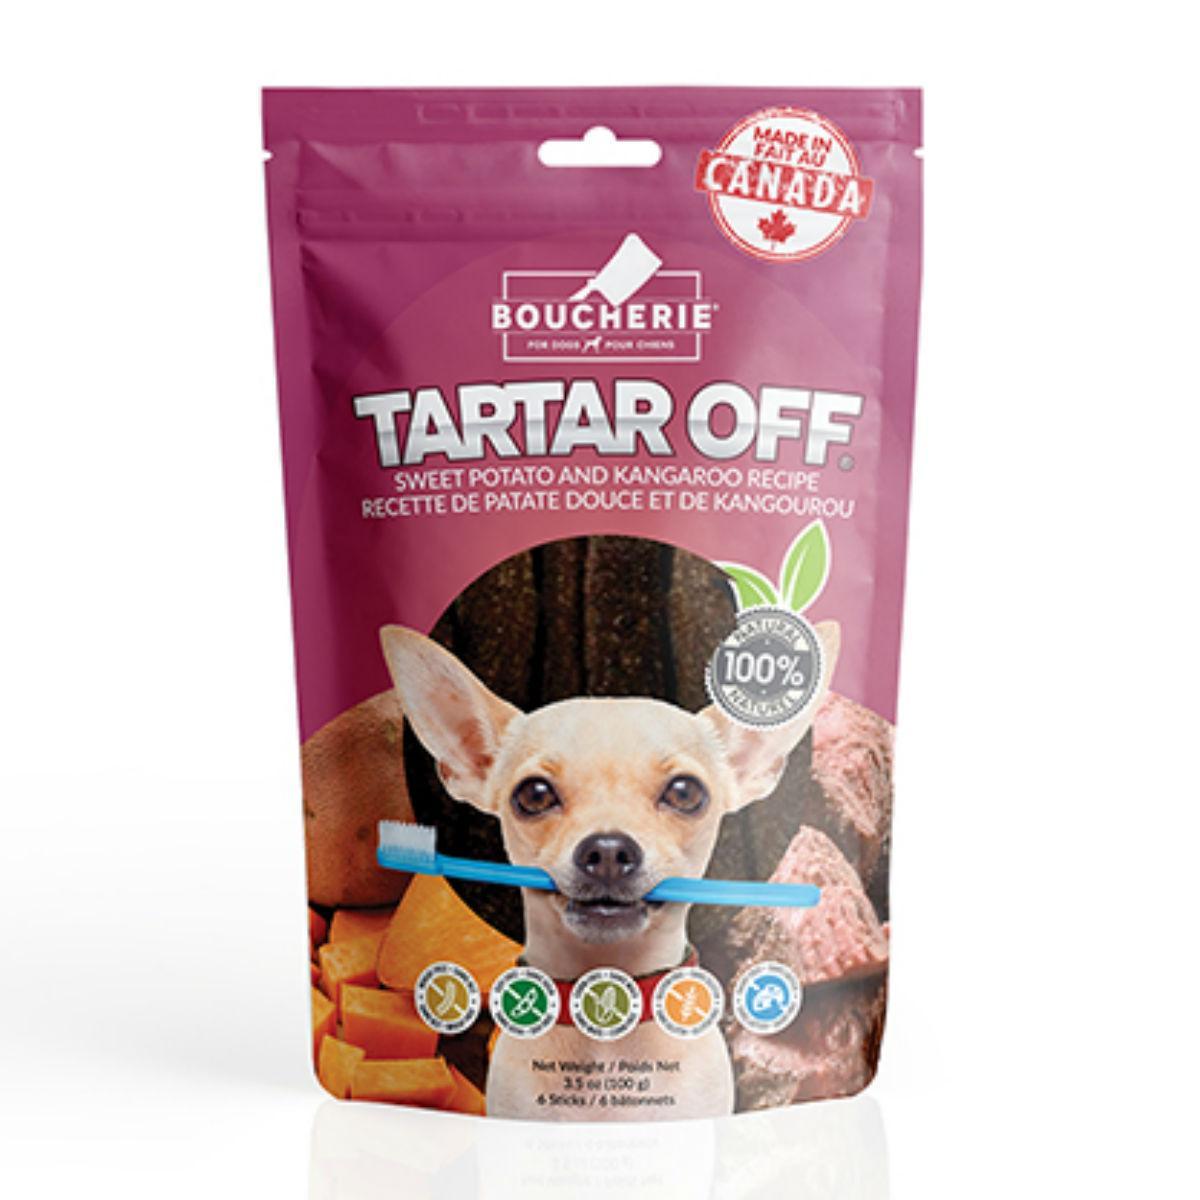 Boucherie Tartar Off Dog Treat - Sweet Potato with Kangaroo